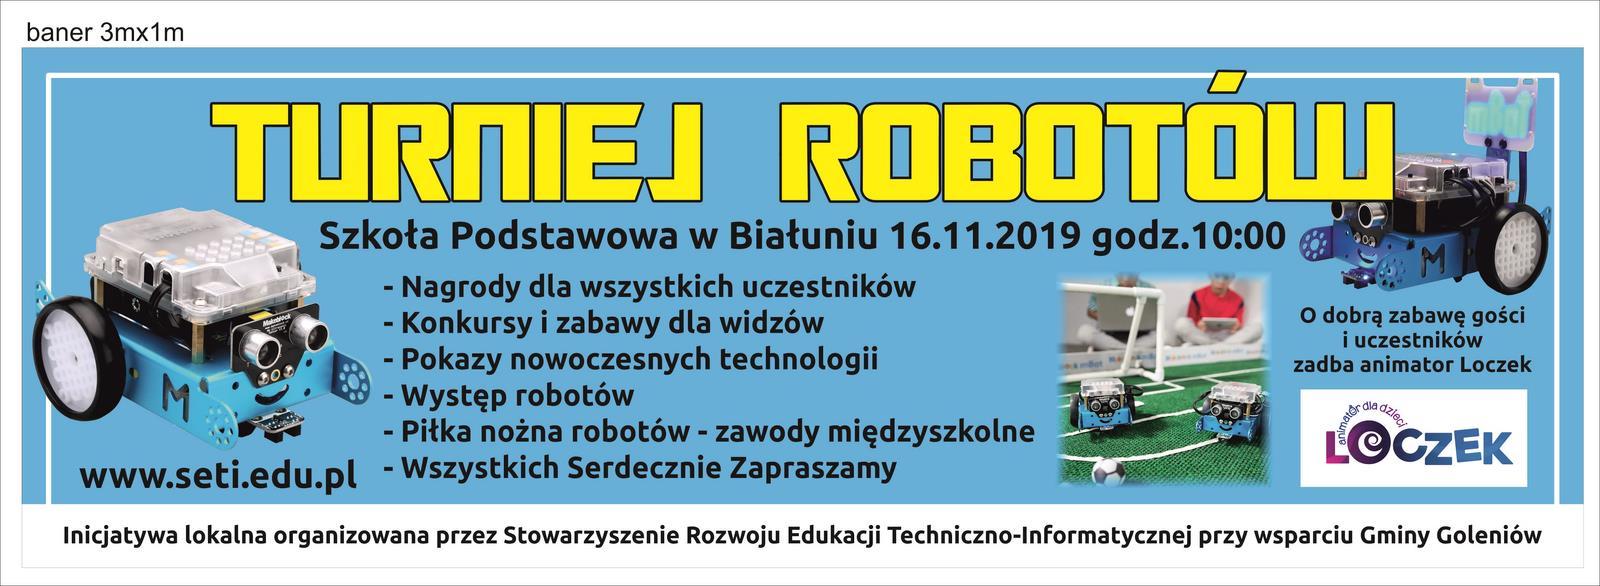 Turniej robotów